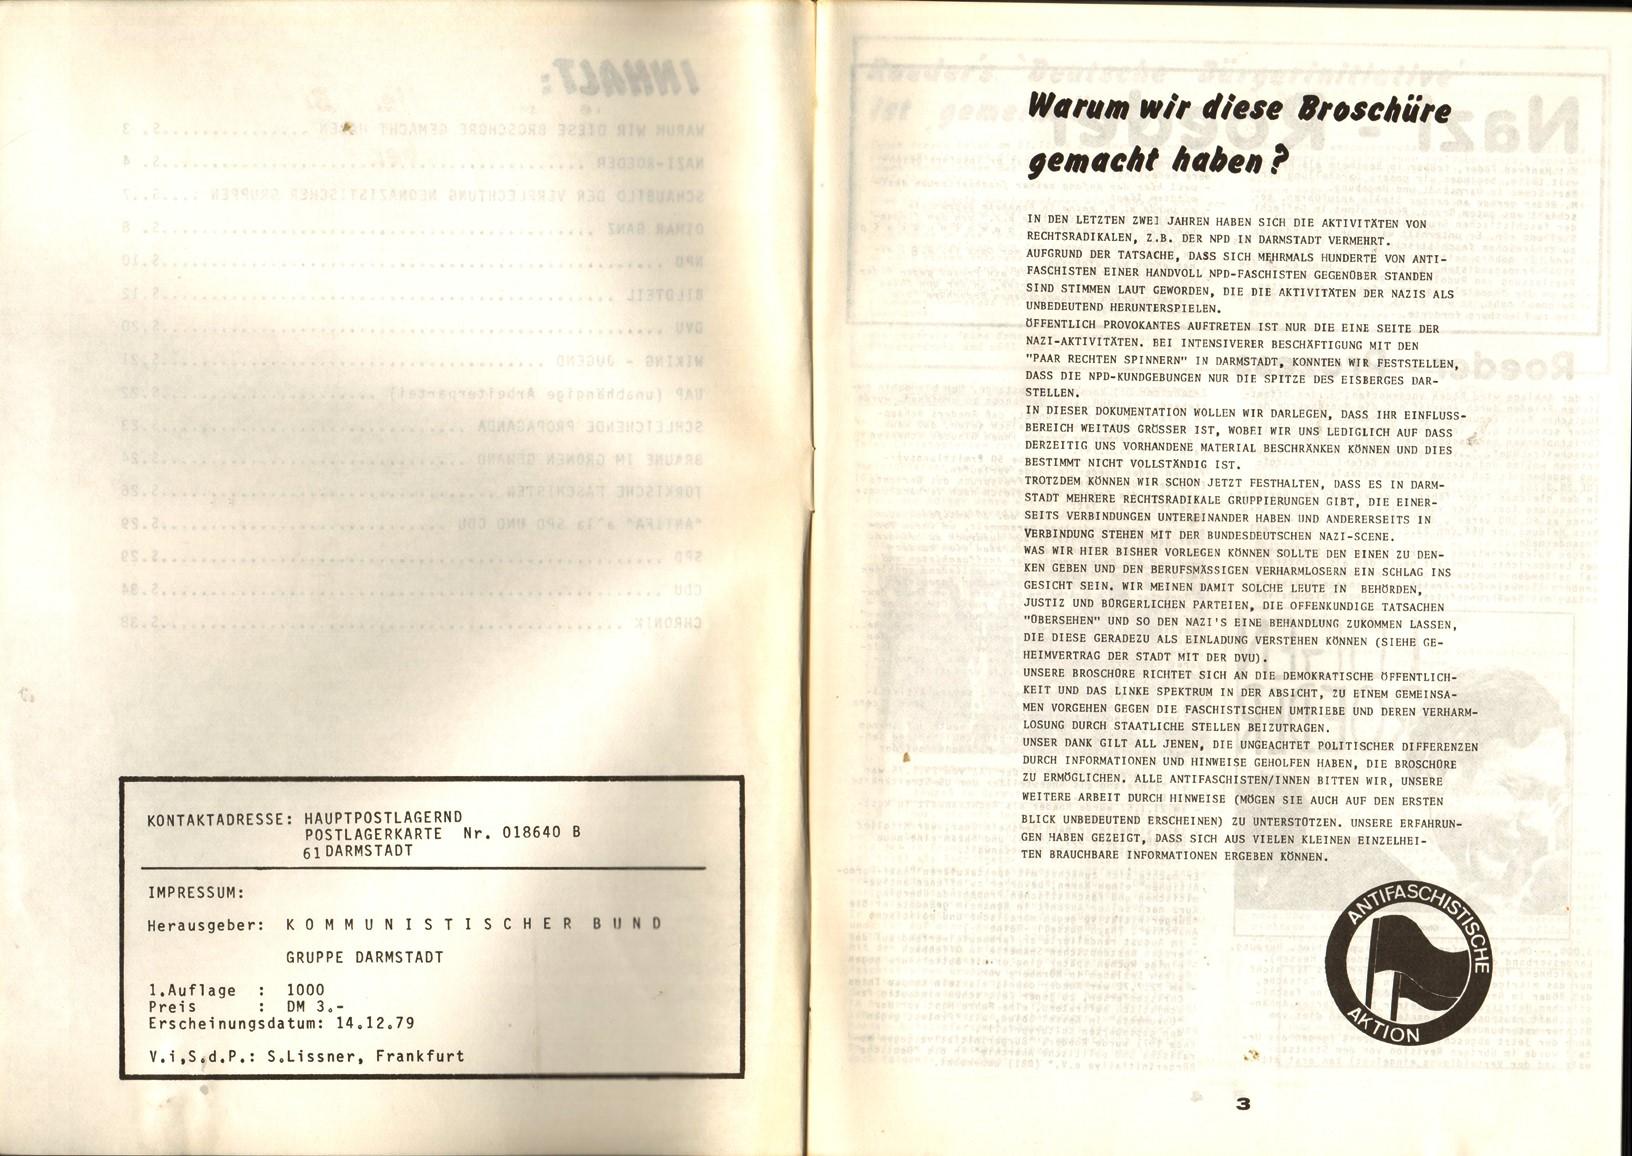 Darmstadt_KB_1979_Faschisten_und_ihr_Umfeld_03